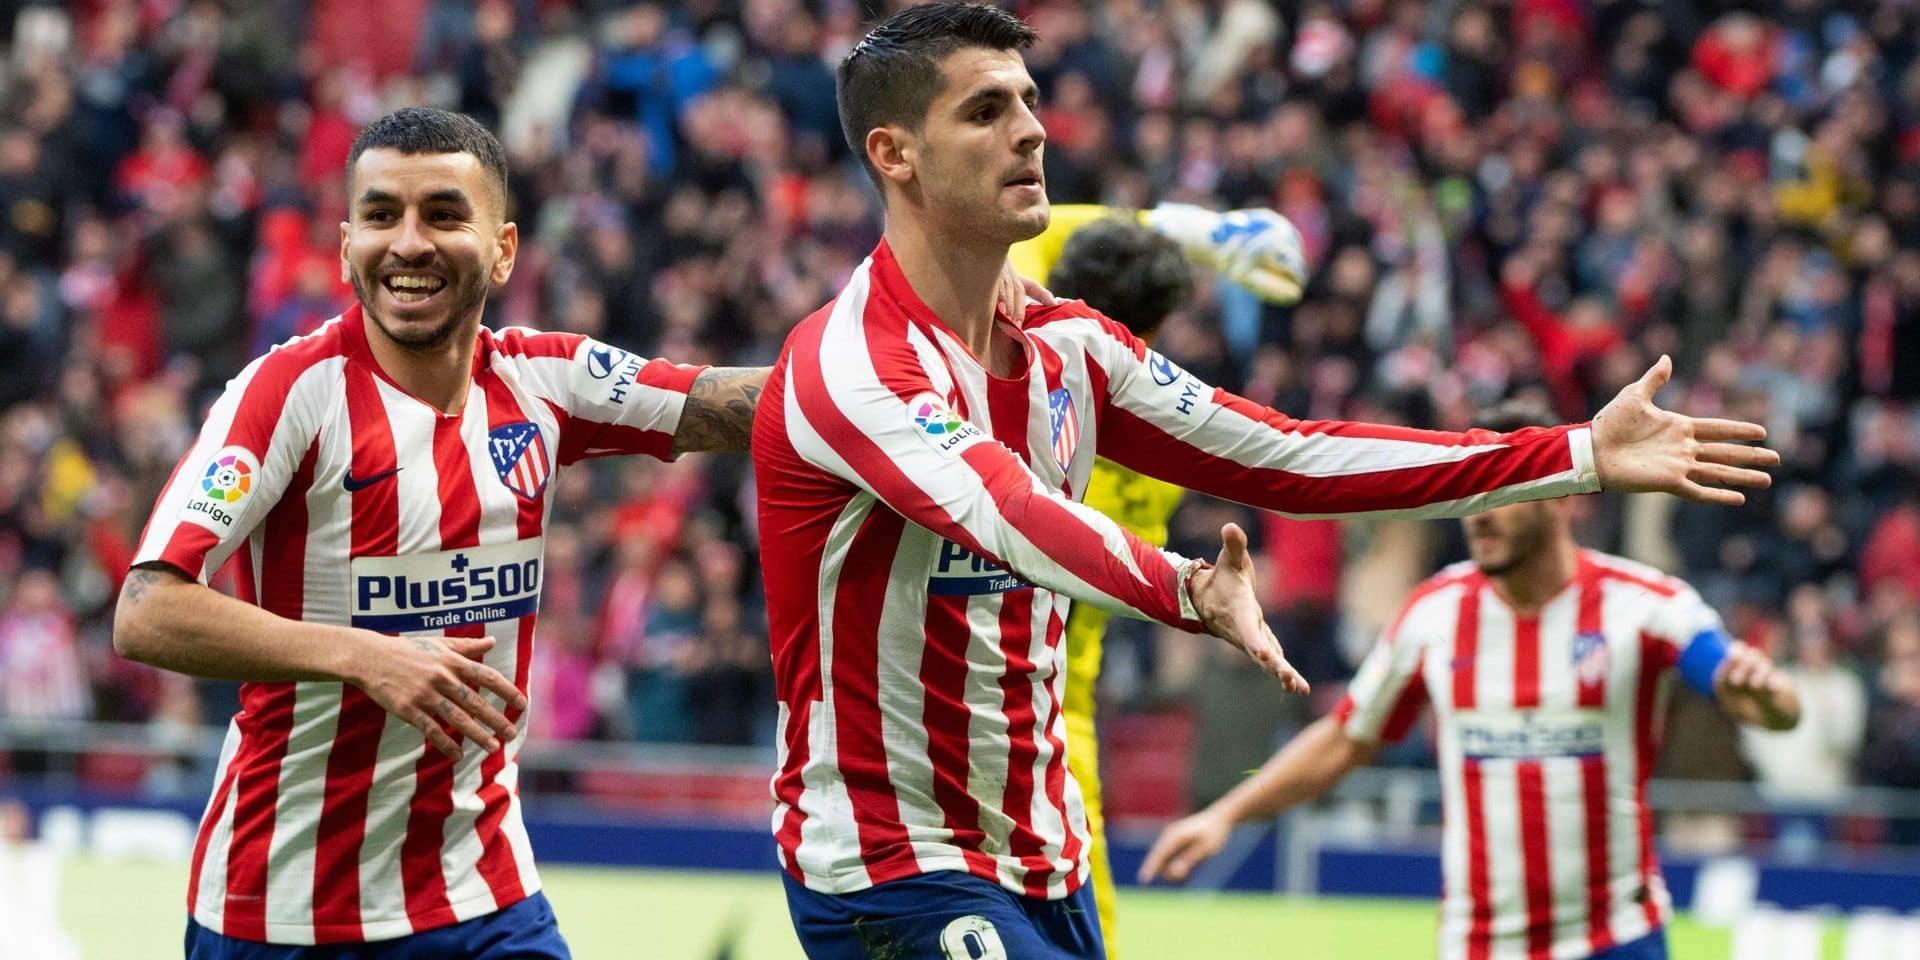 Liga: Morata et l'Atlético domptent l'Espanyol et passent troisièmes